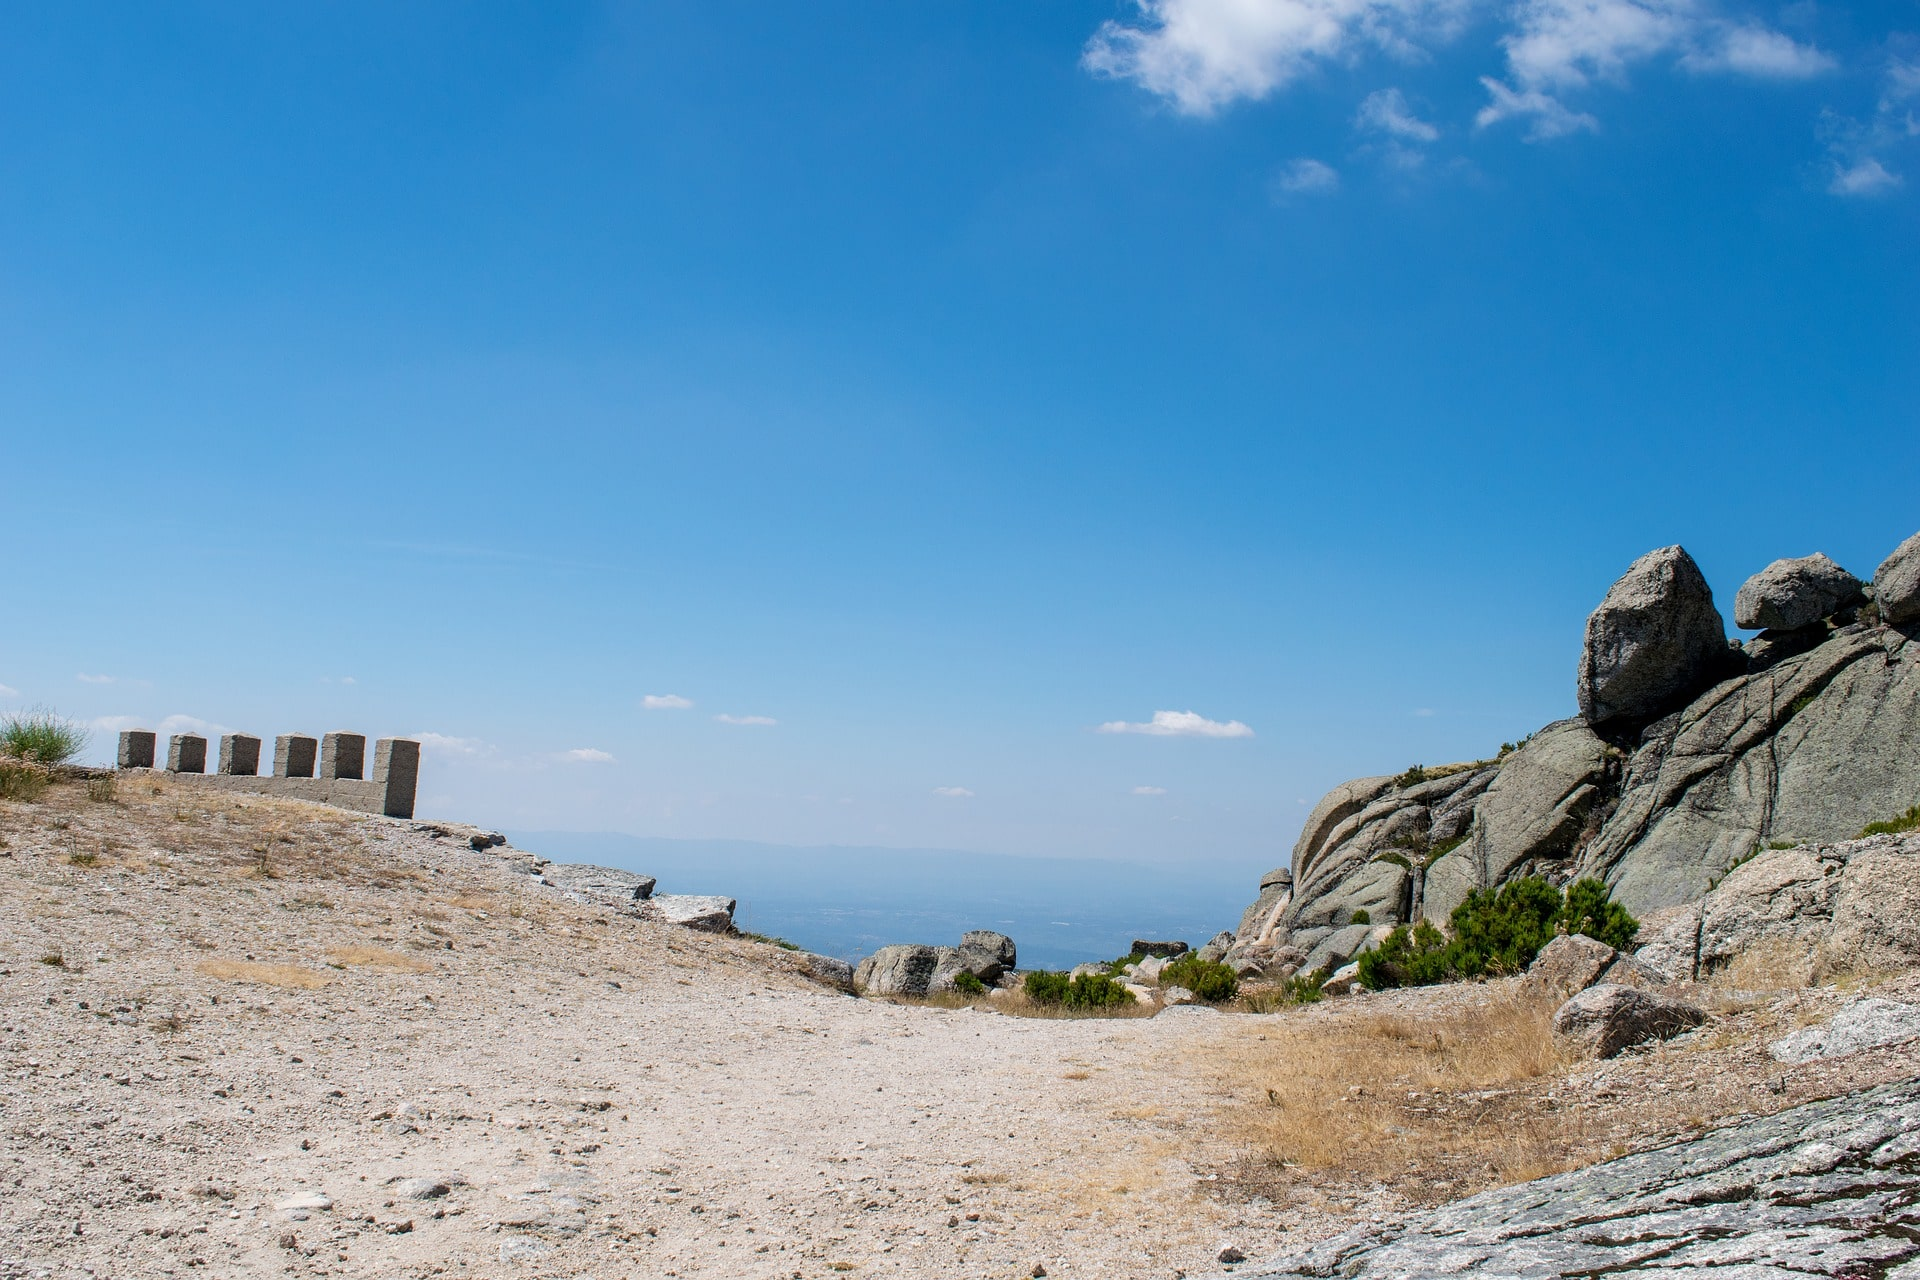 Where to stay in Portugal for amazing nature? Serra da Estrela